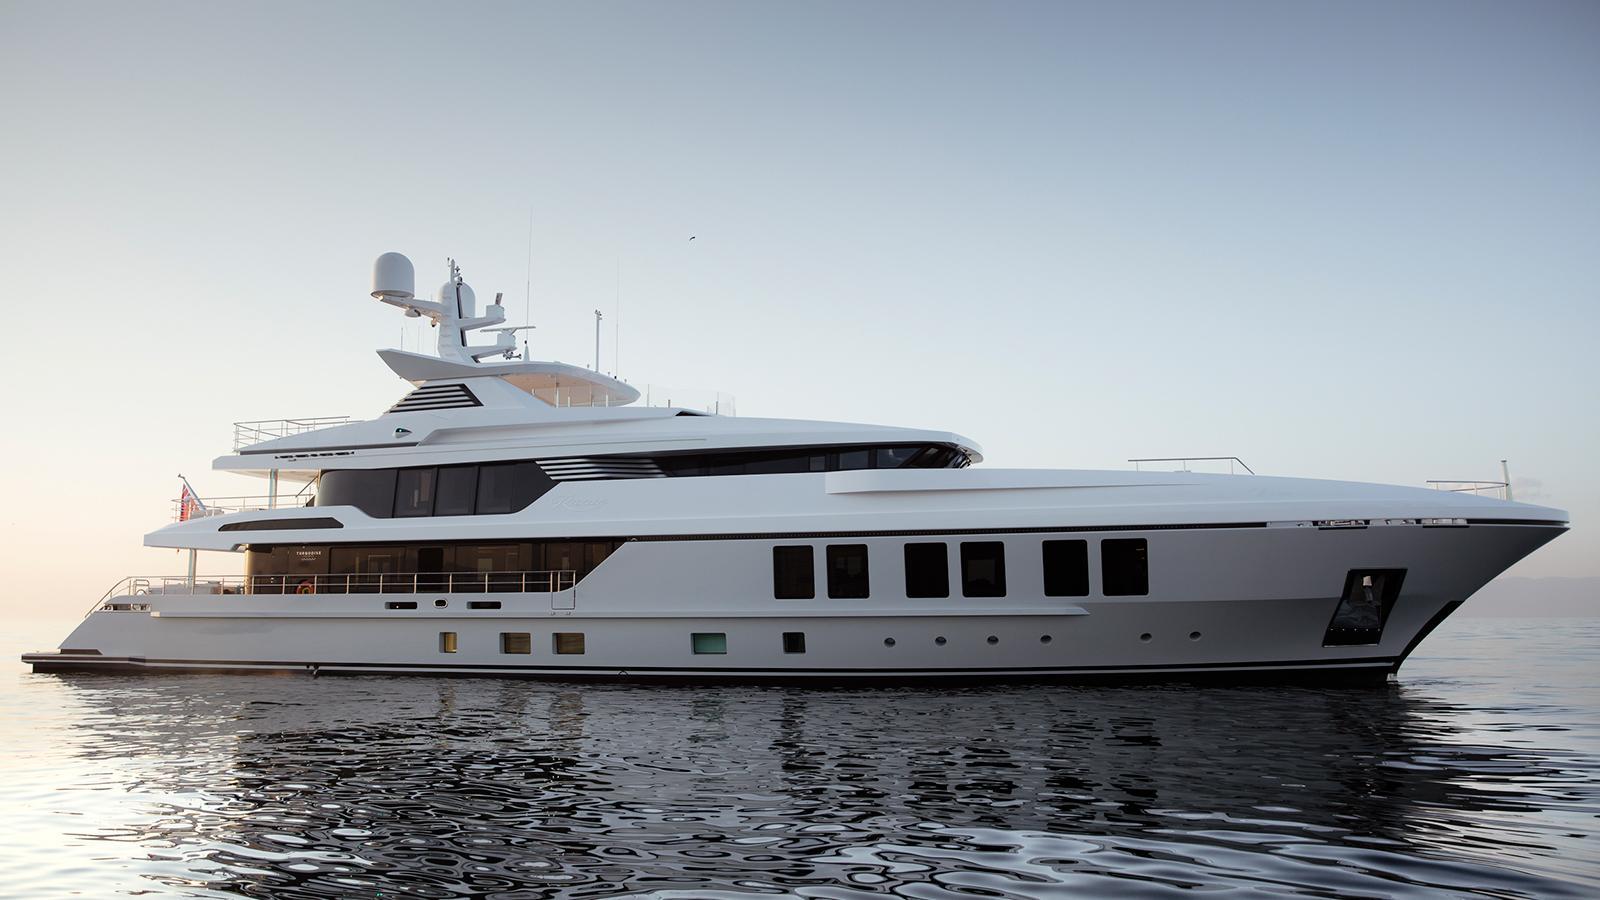 roe razan motoryacht turquoise yachts 2017 47m profile